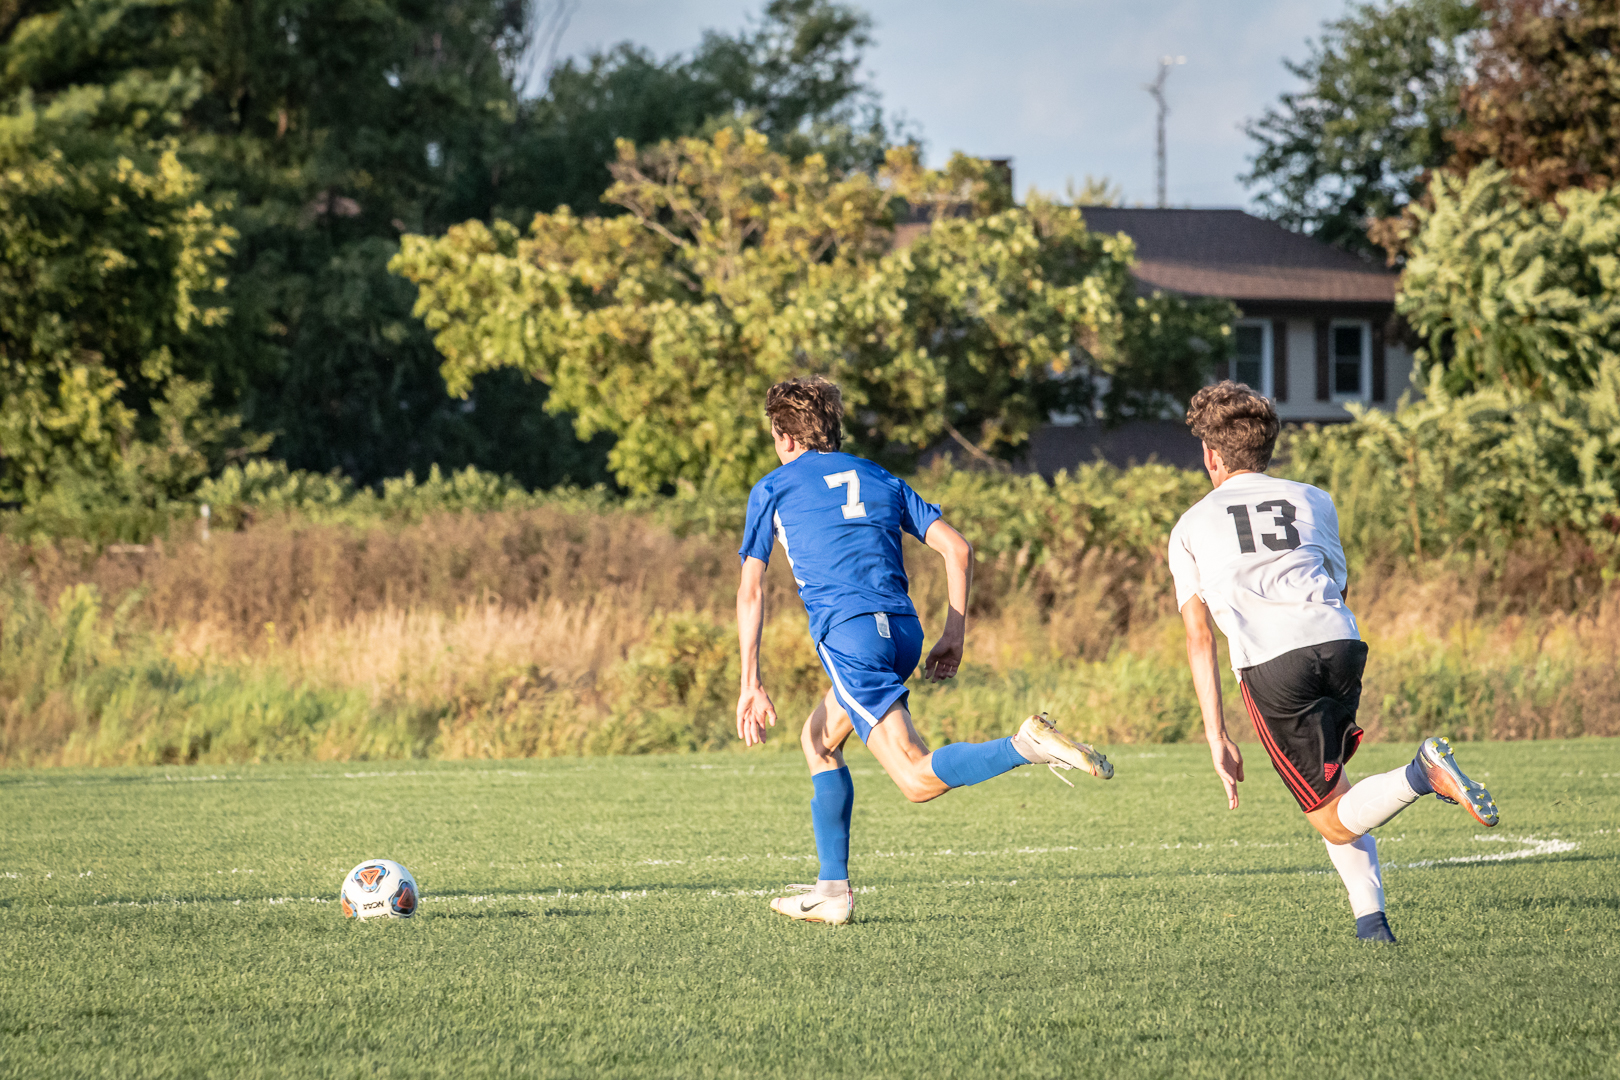 Marian-Varsity-Boys-Soccer-9415.jpg